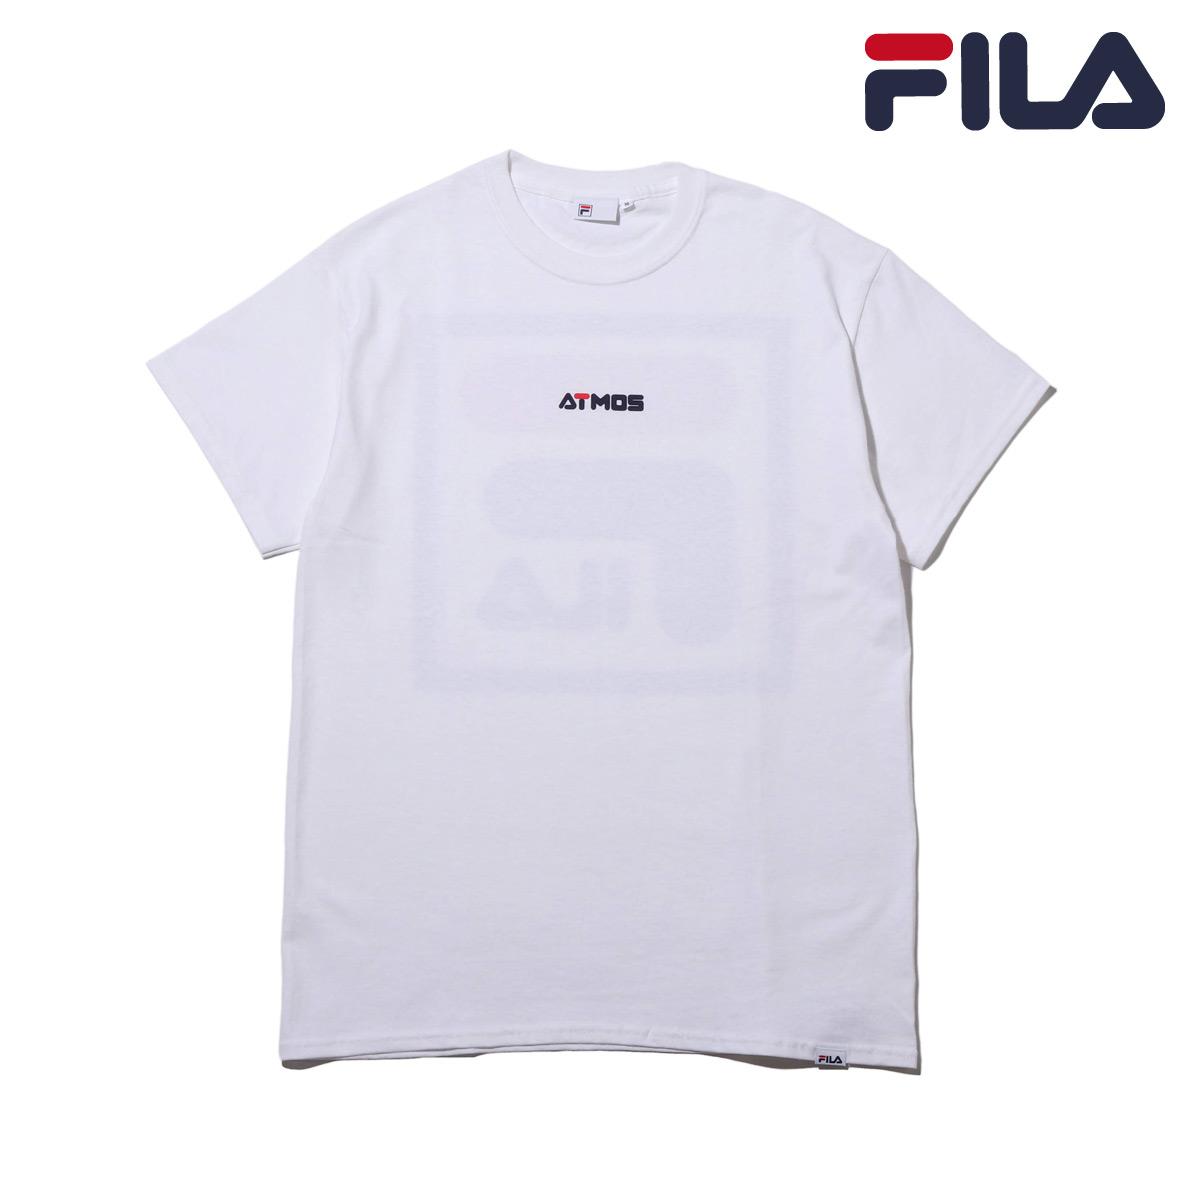 original de premier ordre professionnel section spéciale FILA x atmos Square BIG LOGO T-Shirt (WHITE) (Fila X atto- MOS square big  logo T-shirt)